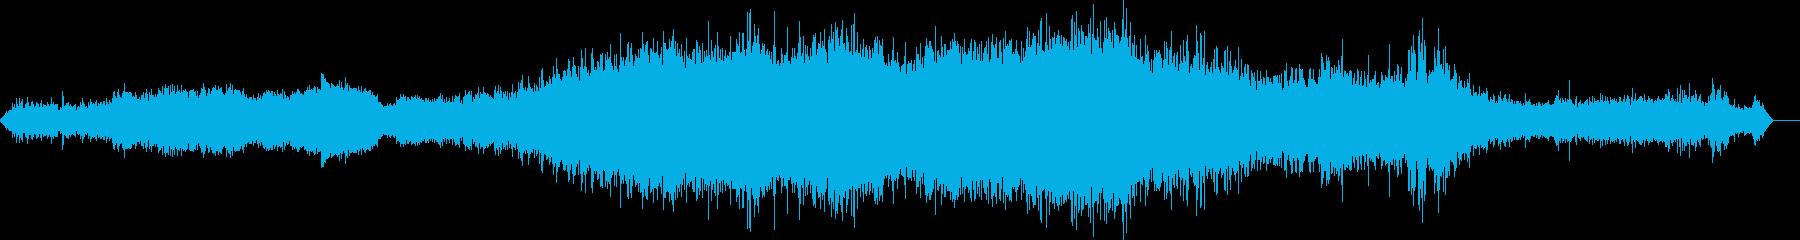 メトロプラットフォームの再生済みの波形